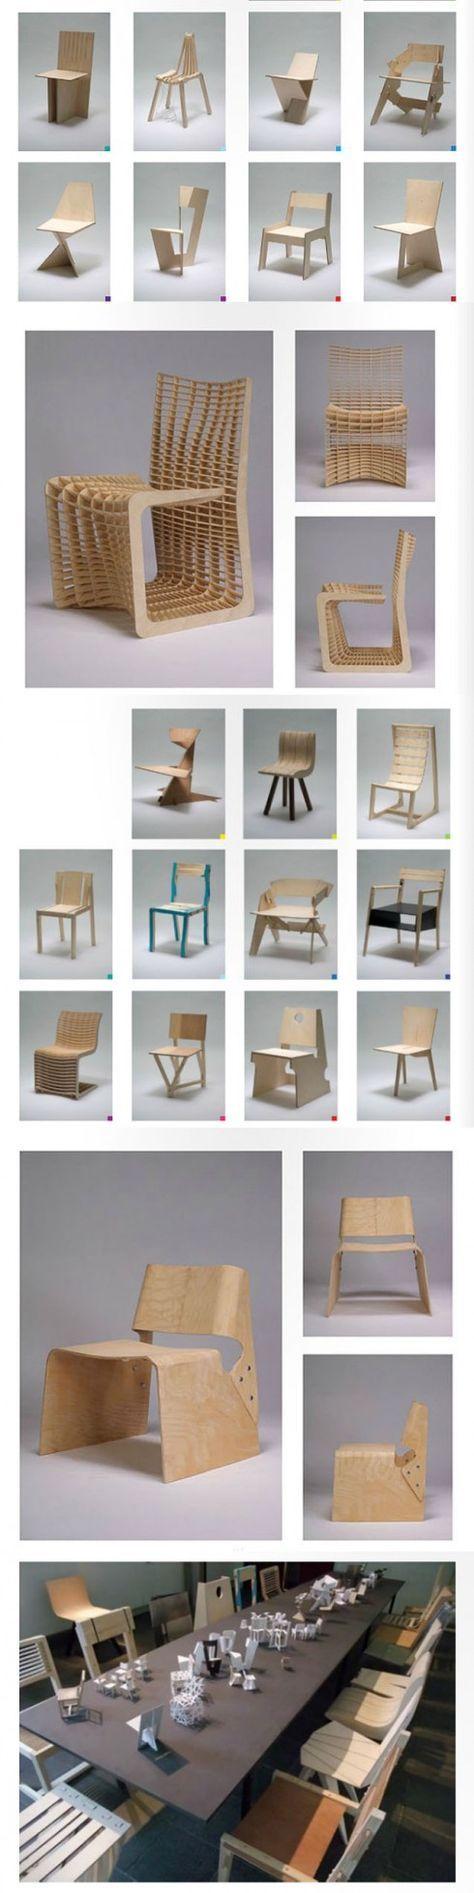 http://serrurierhouilles.lartisanpascher.com/ #design #chaises